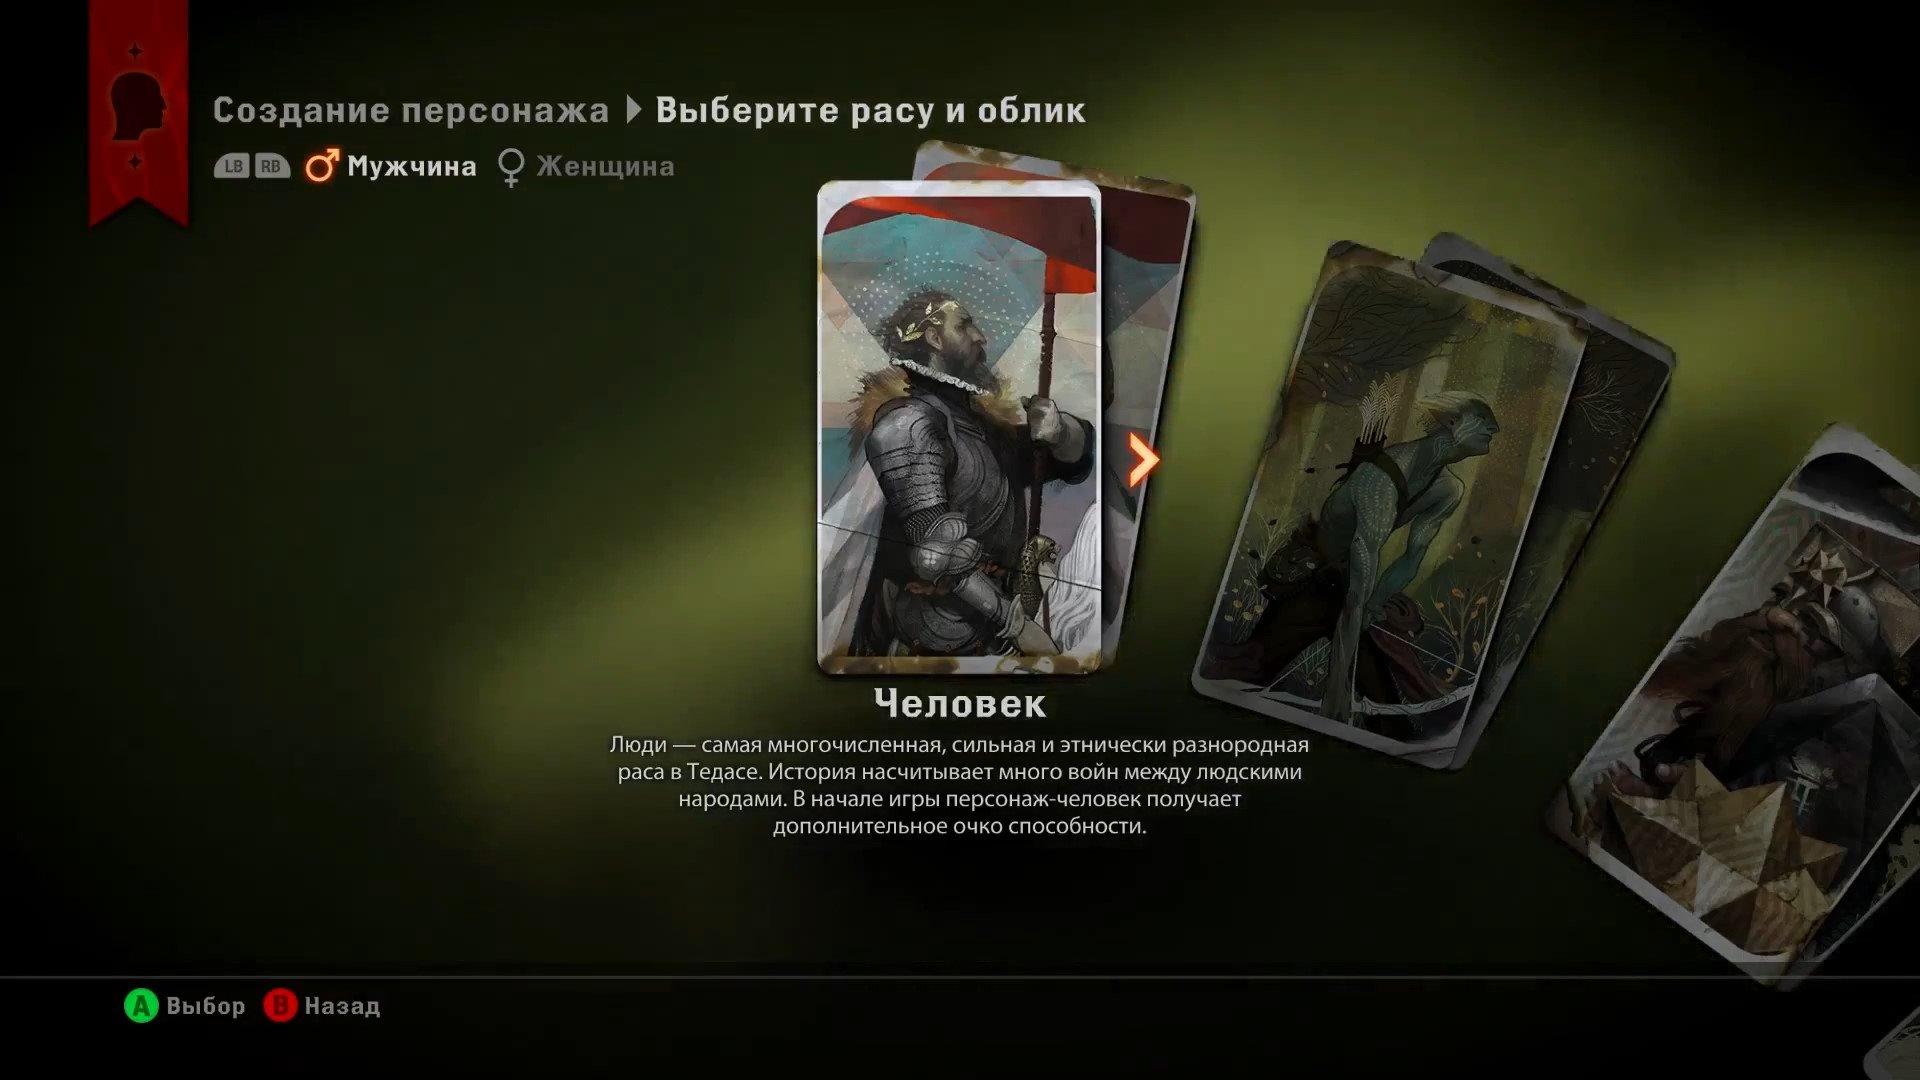 Dragon Age: Inquisition За какую расу и класс  будете играть?. - Изображение 2